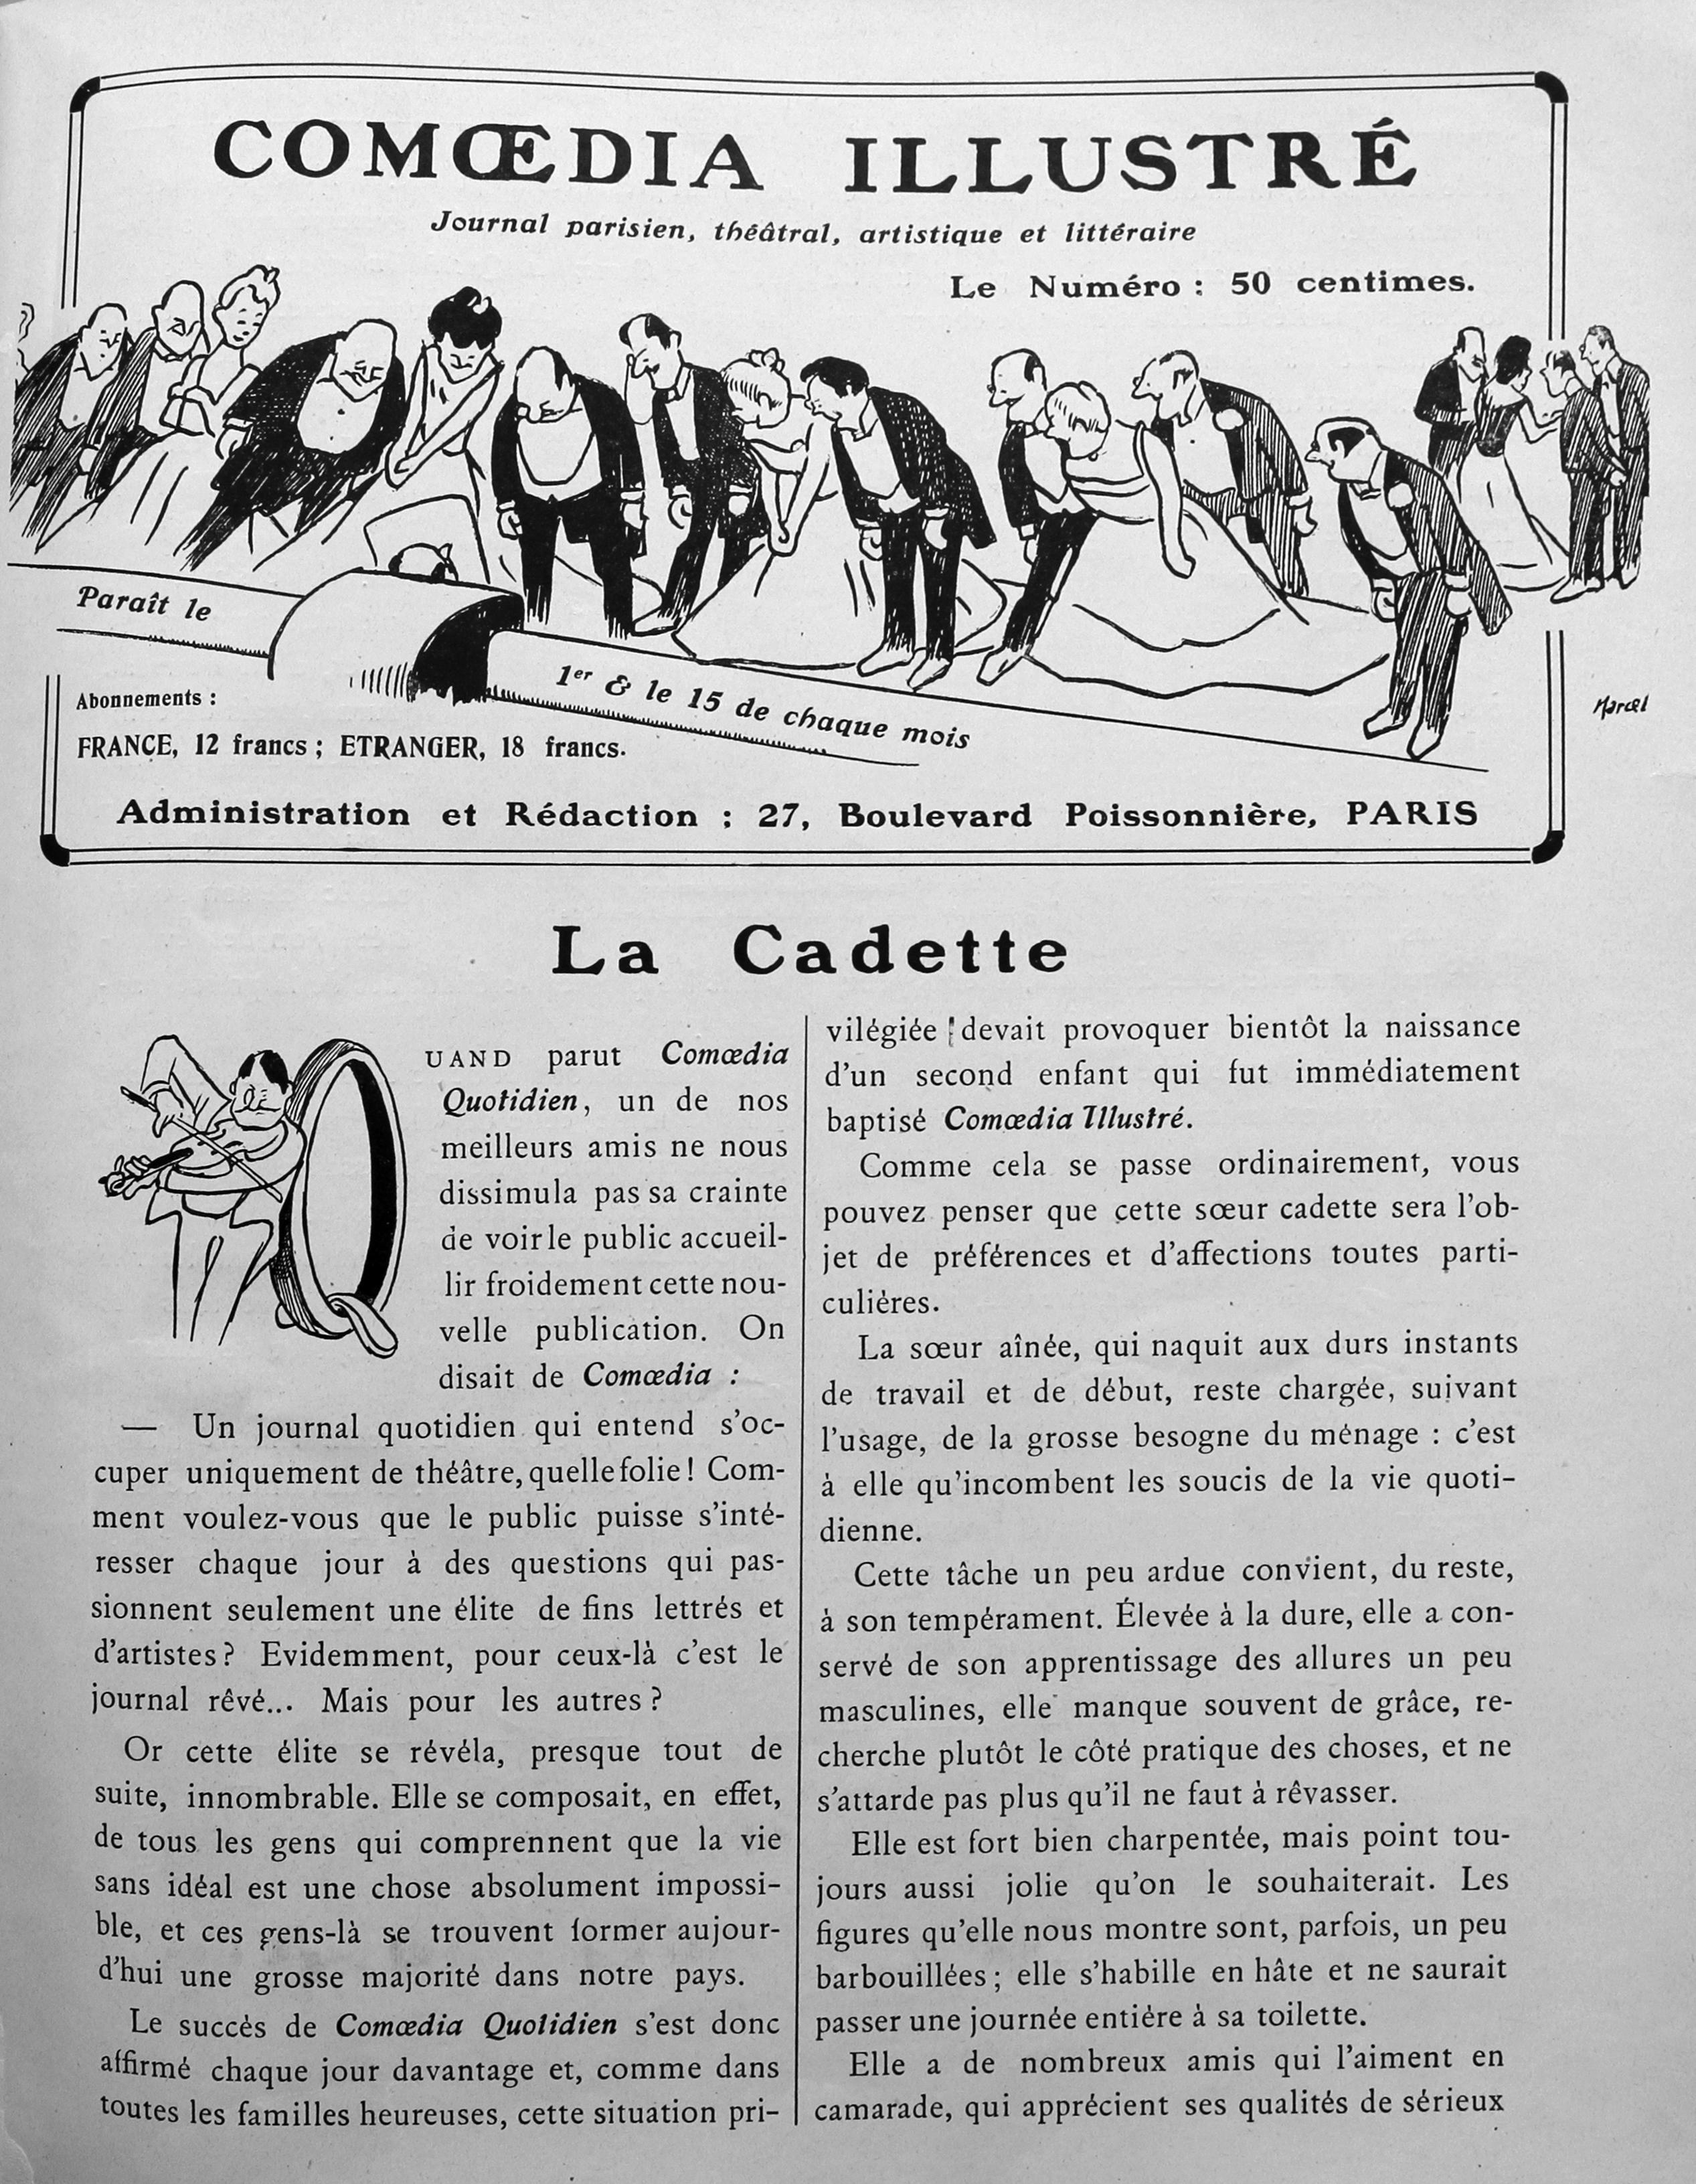 """""""La cadette"""", Comoedia illustré, 15 décembre 1908, p.1 et 2."""